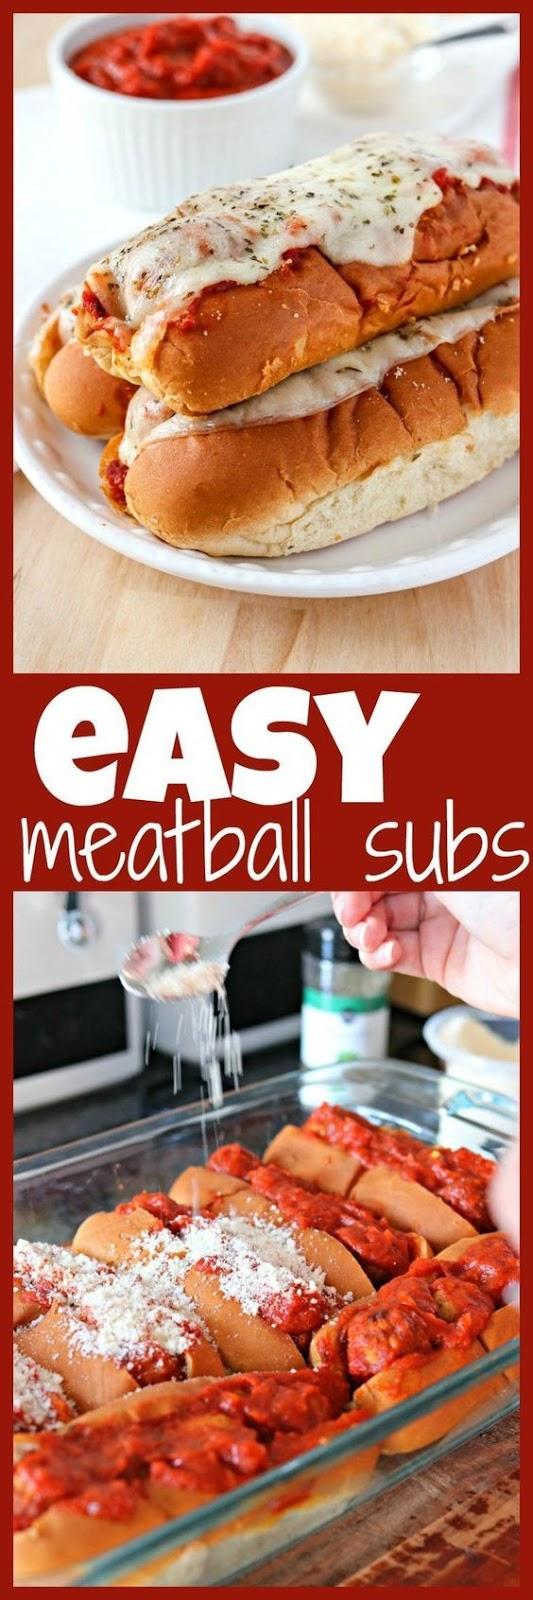 Easy Meatball Subs